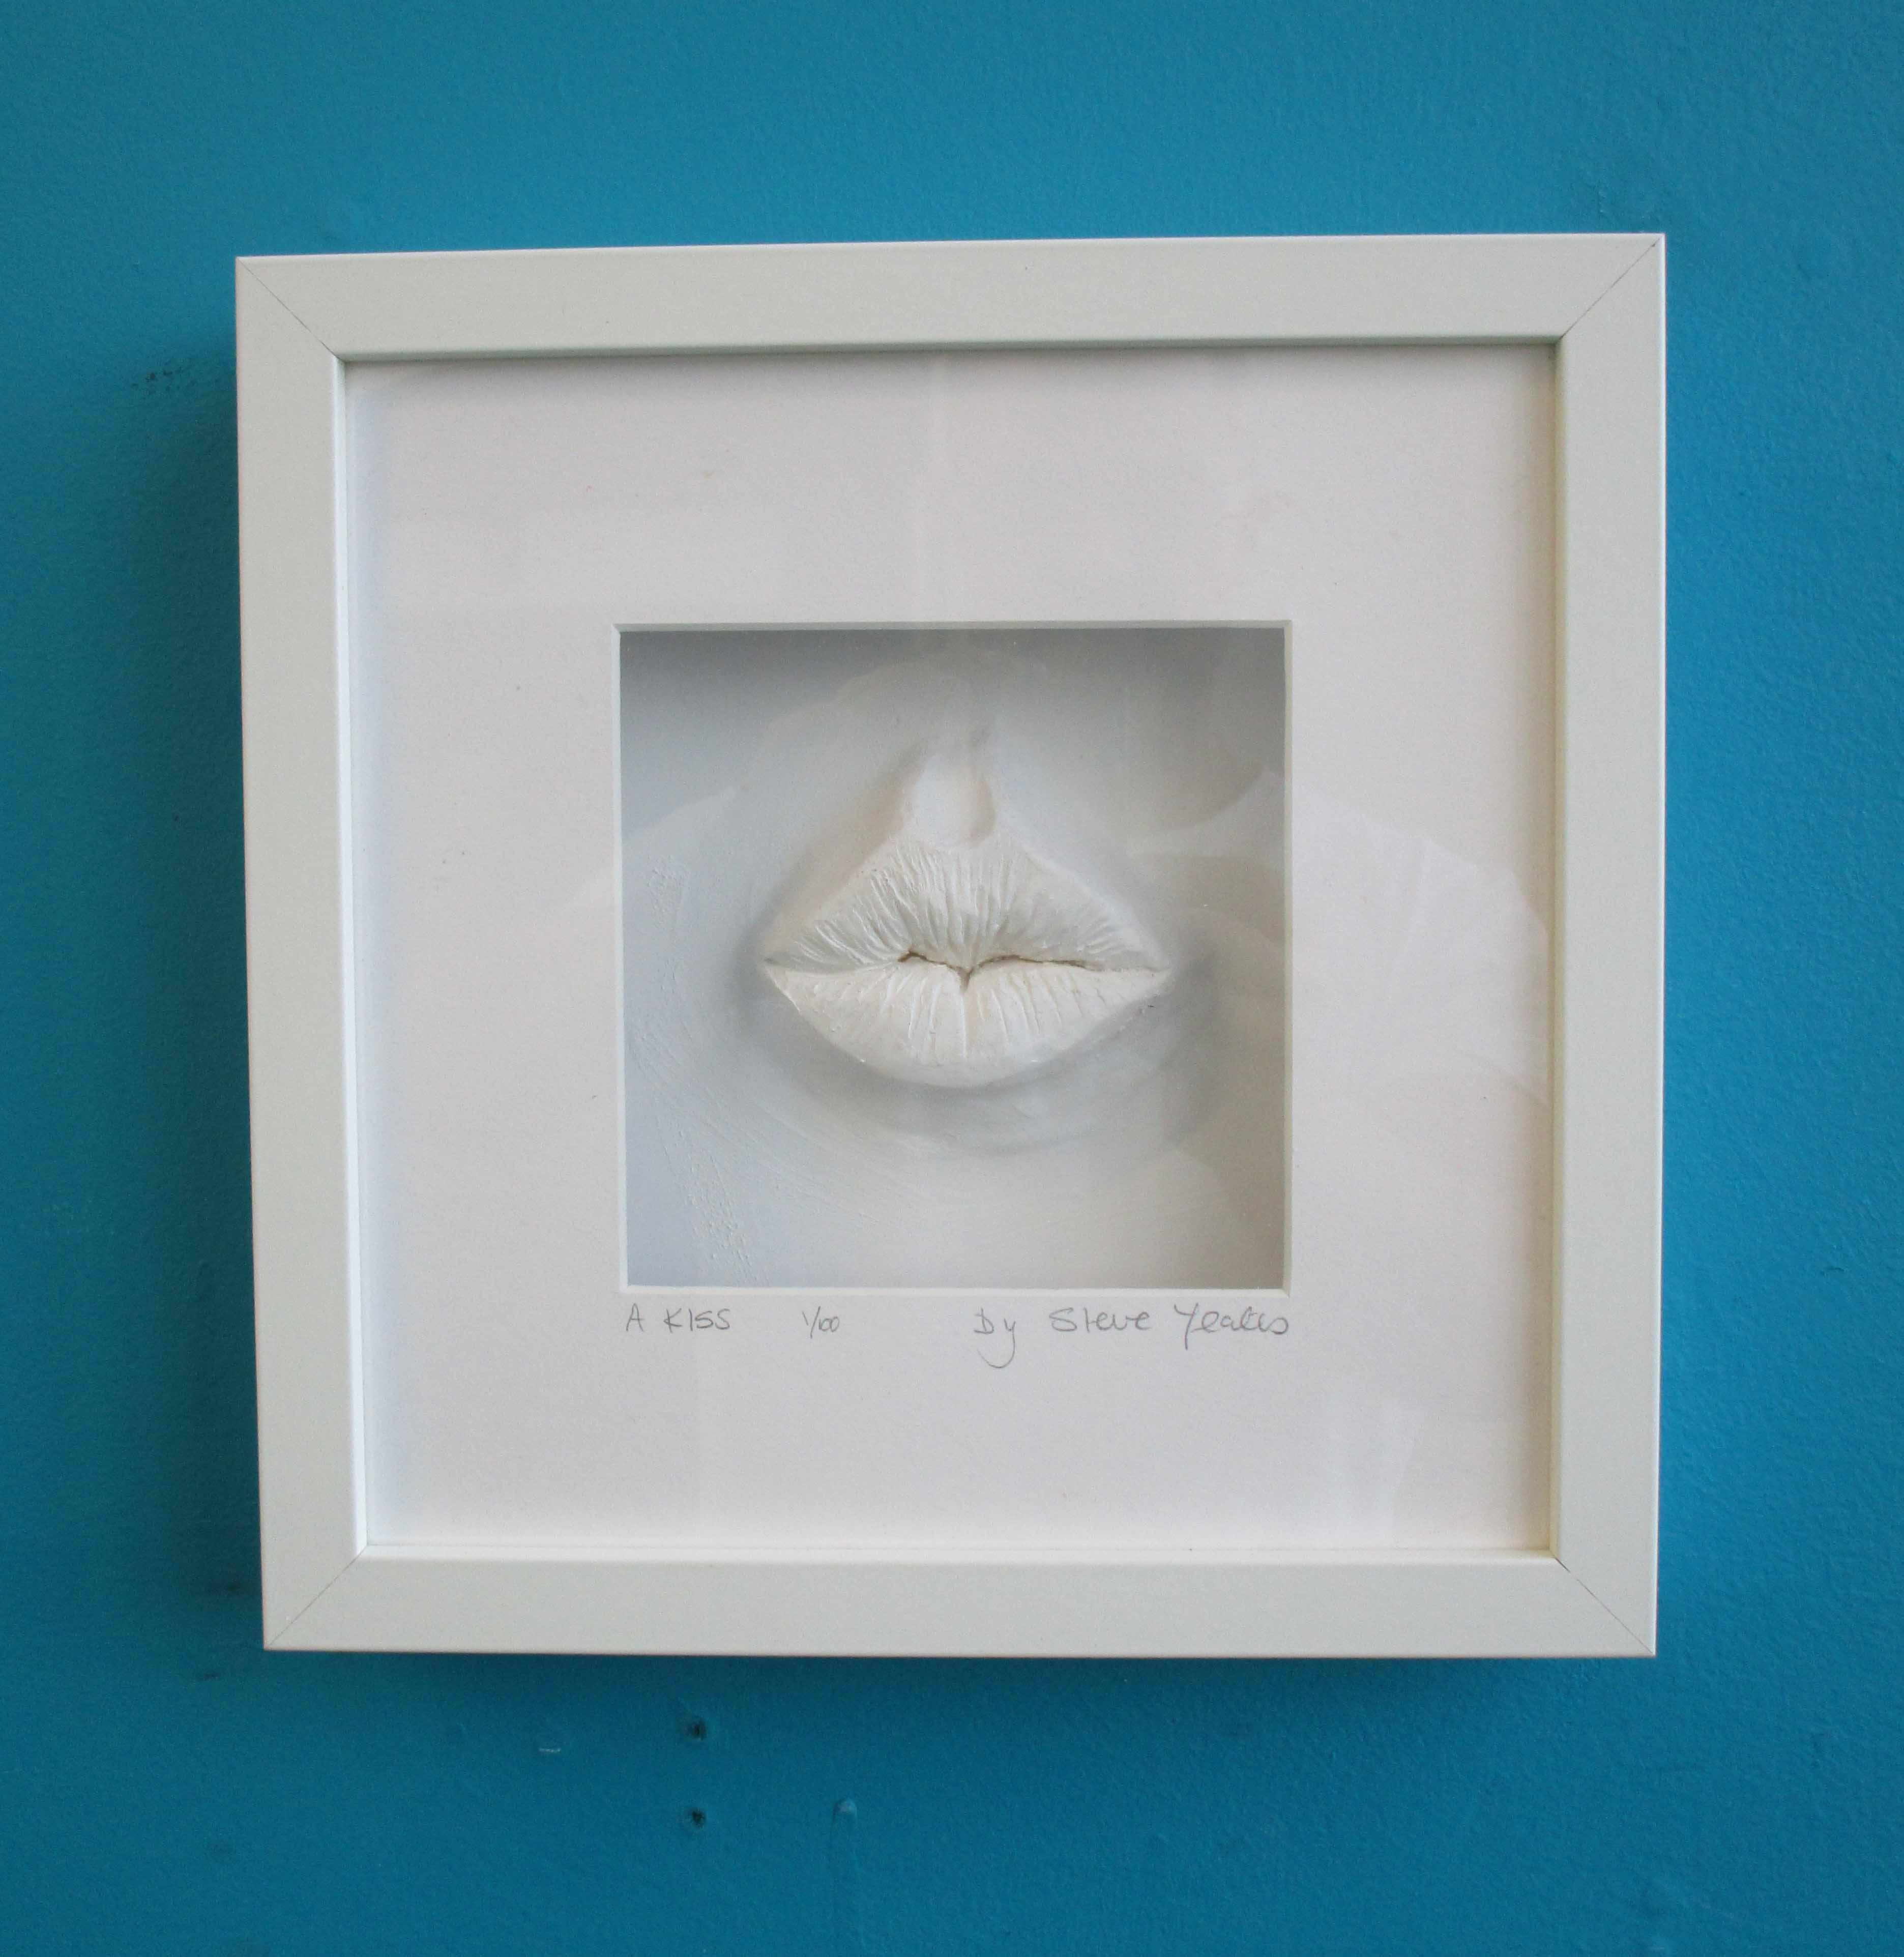 A Kiss (sunken)